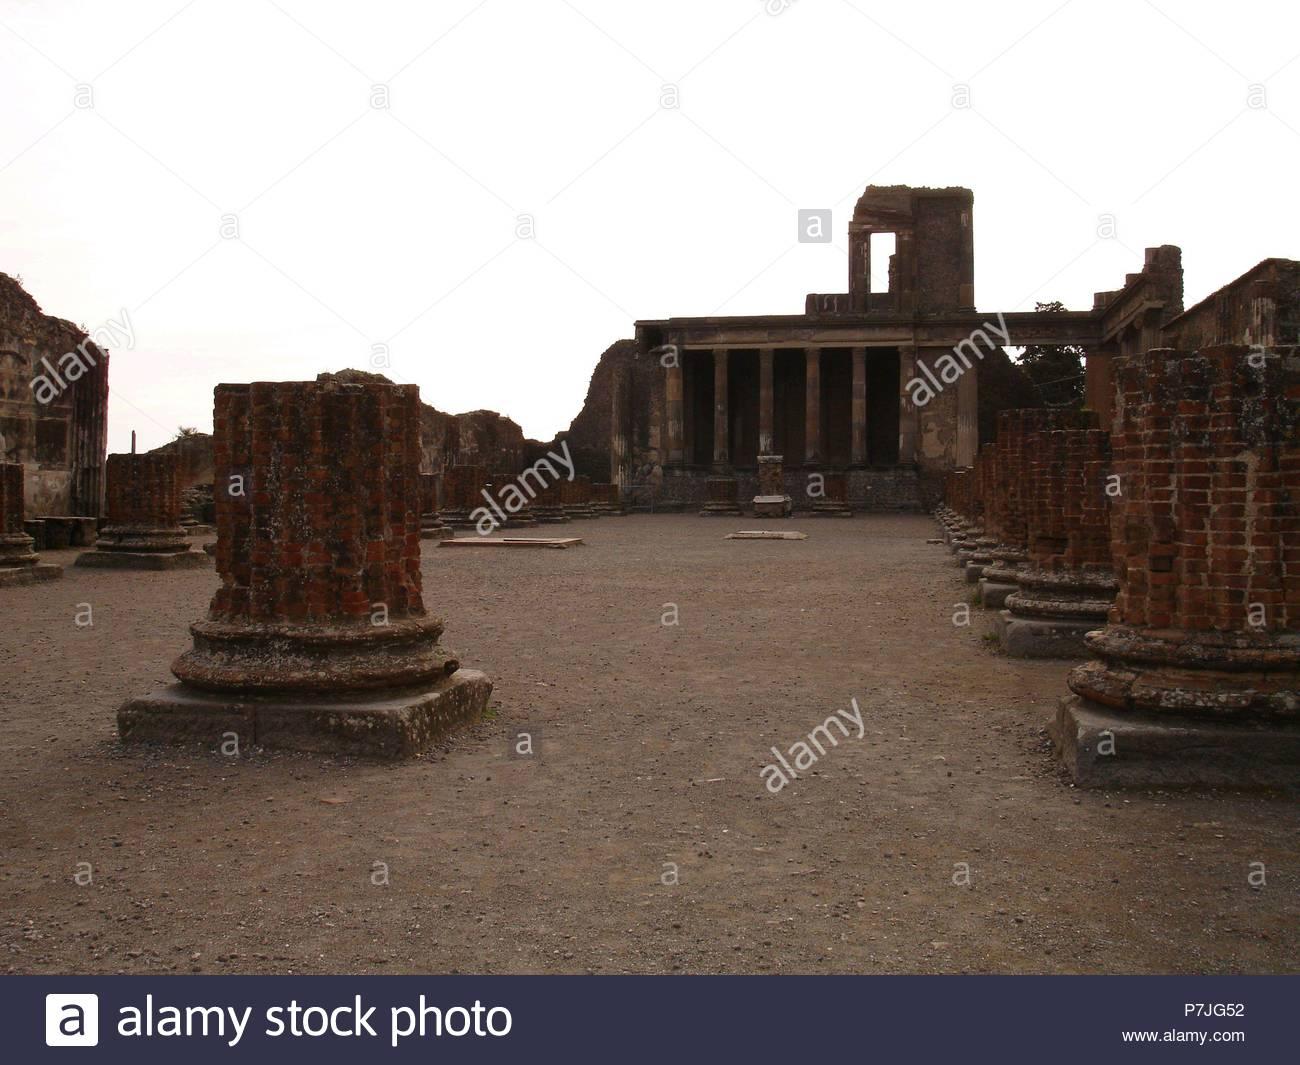 Basilique CONSTRUIDA EN EL AÑO 80 AC- AL FONDO EL TRIBUNAL DE JUSTICIA. Lieu: basilique, ITALIA. Photo Stock